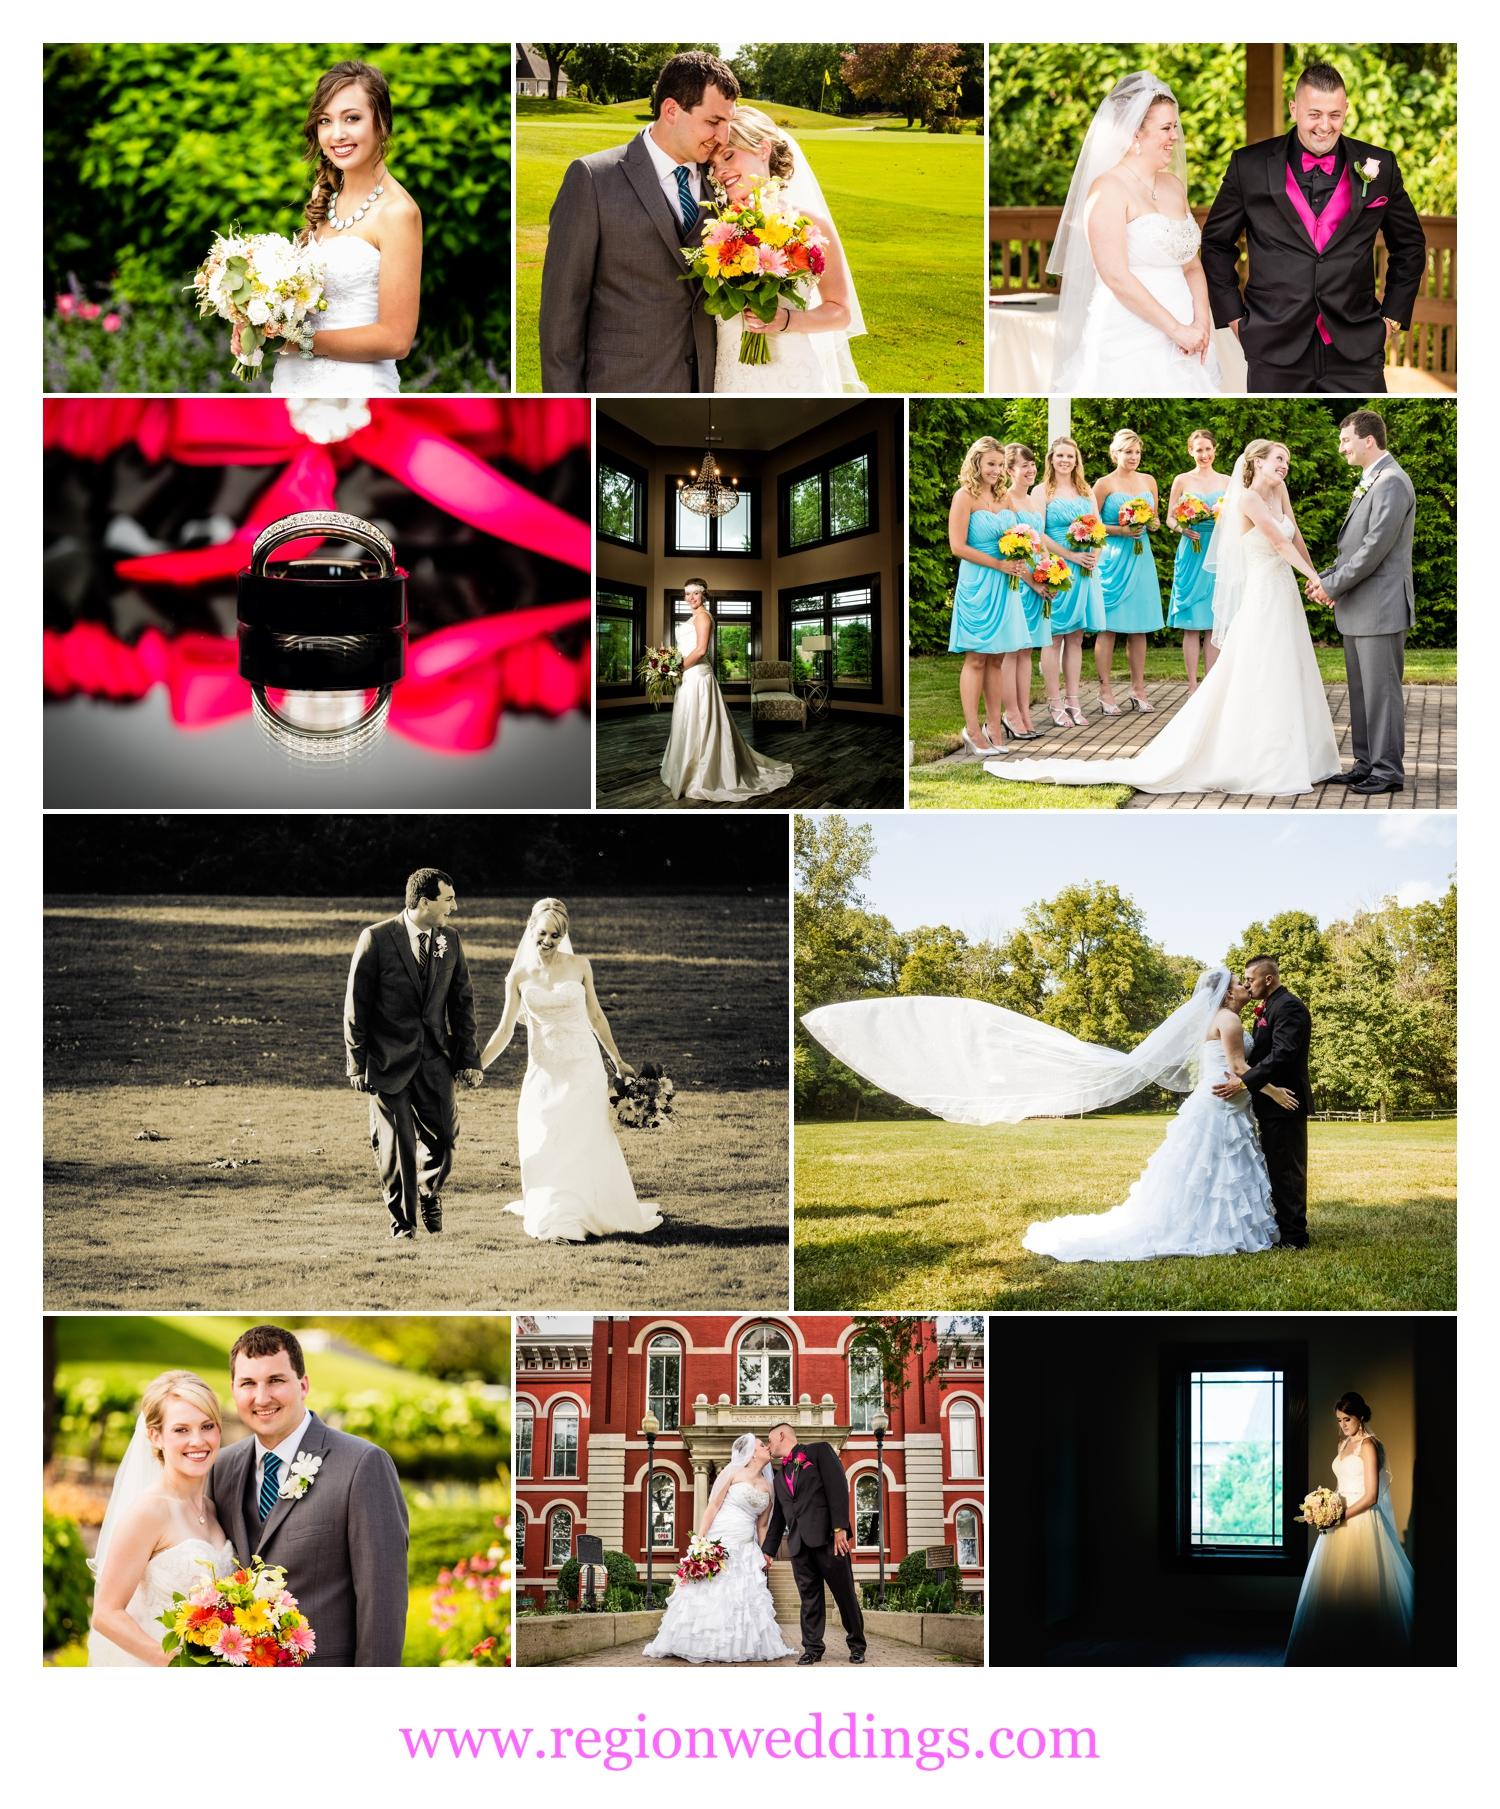 northwest-indiana-wedding-photography-collage7.jpg